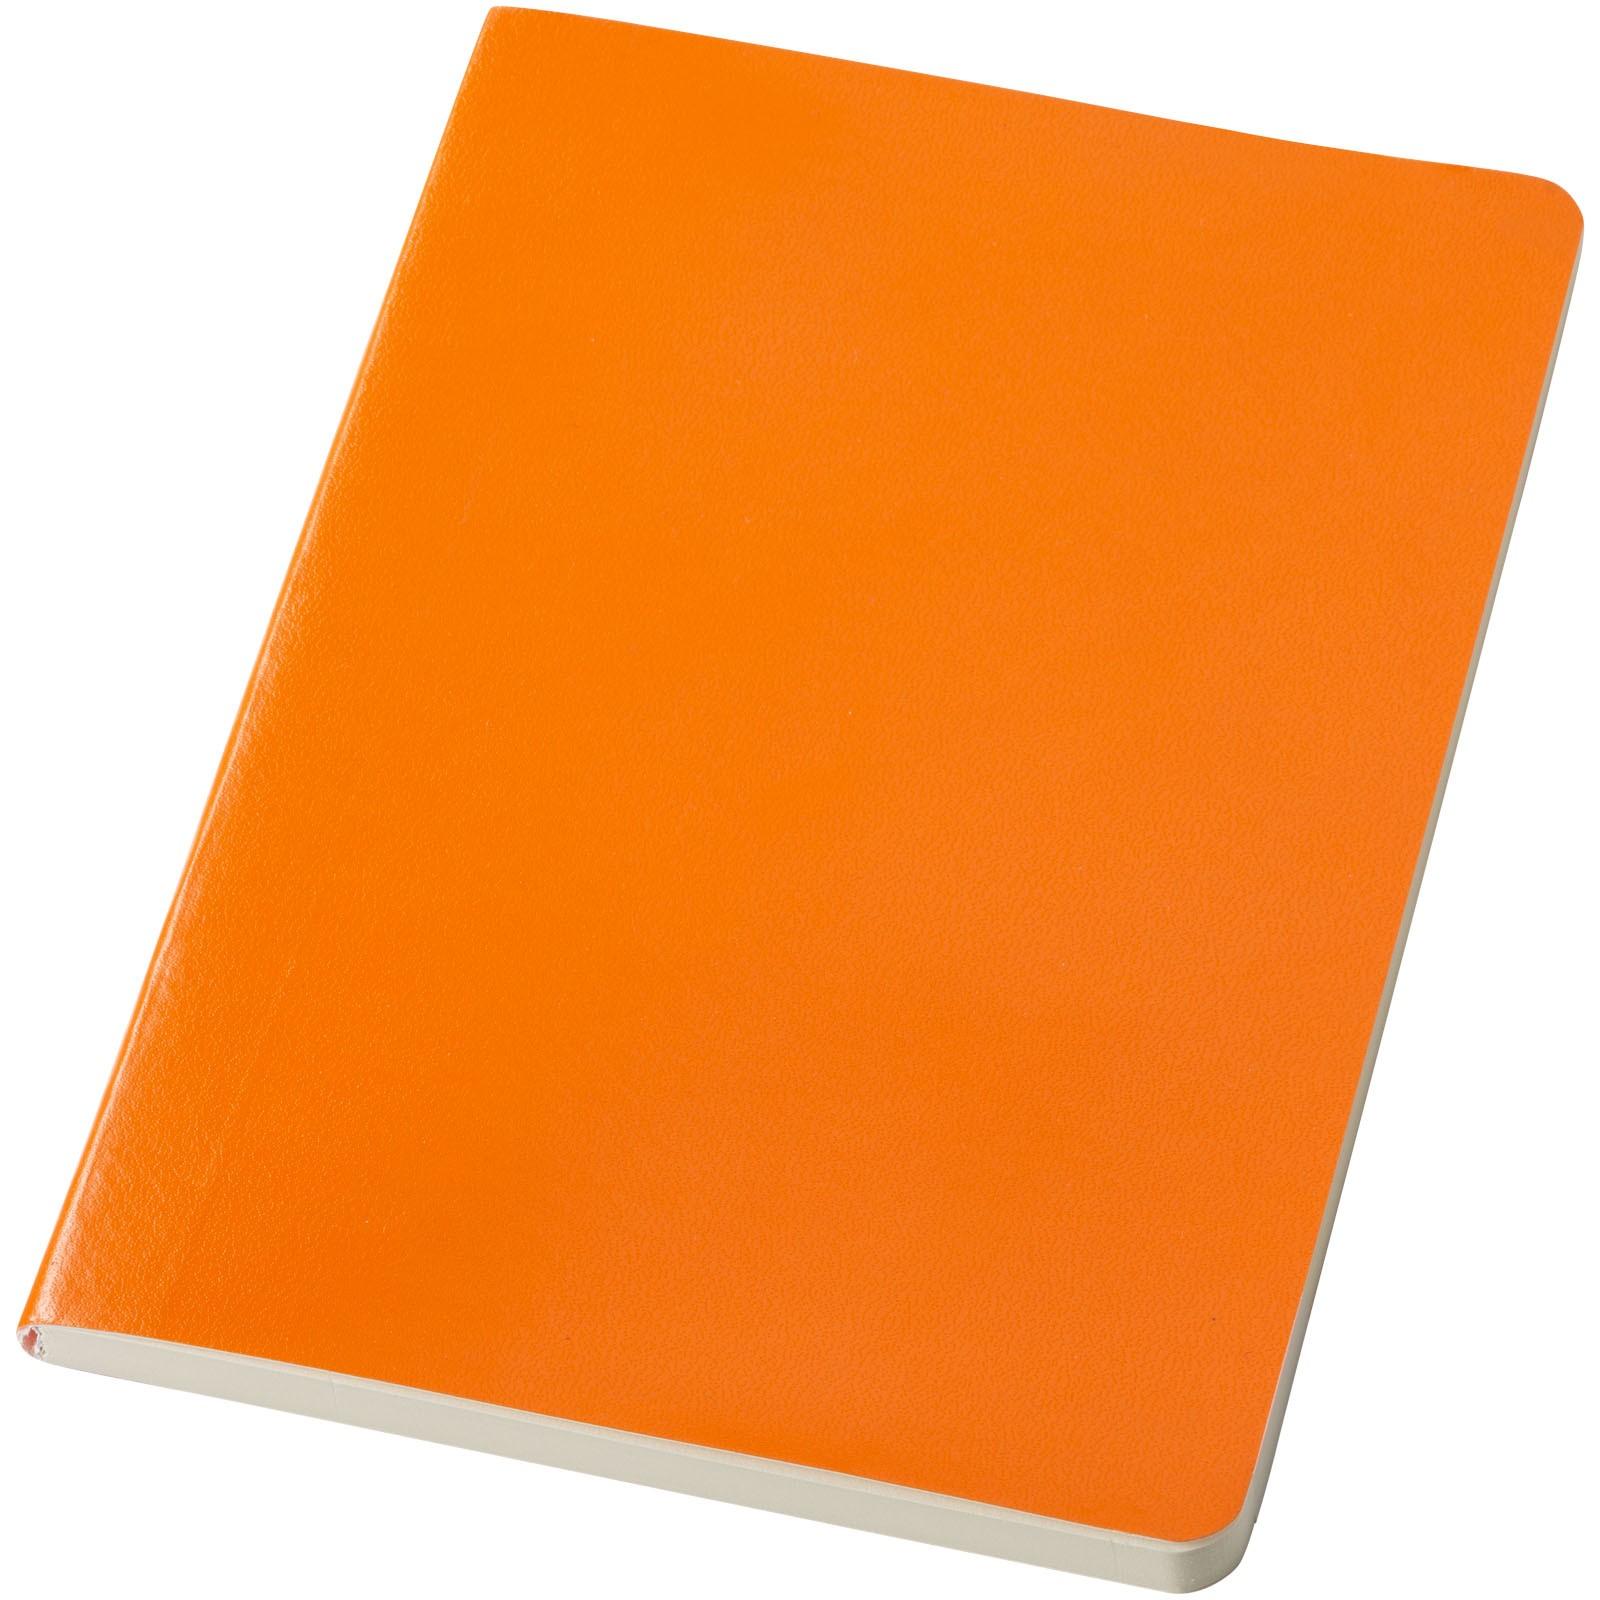 Gallery A5 Soft Cover Notizbuch - Orange